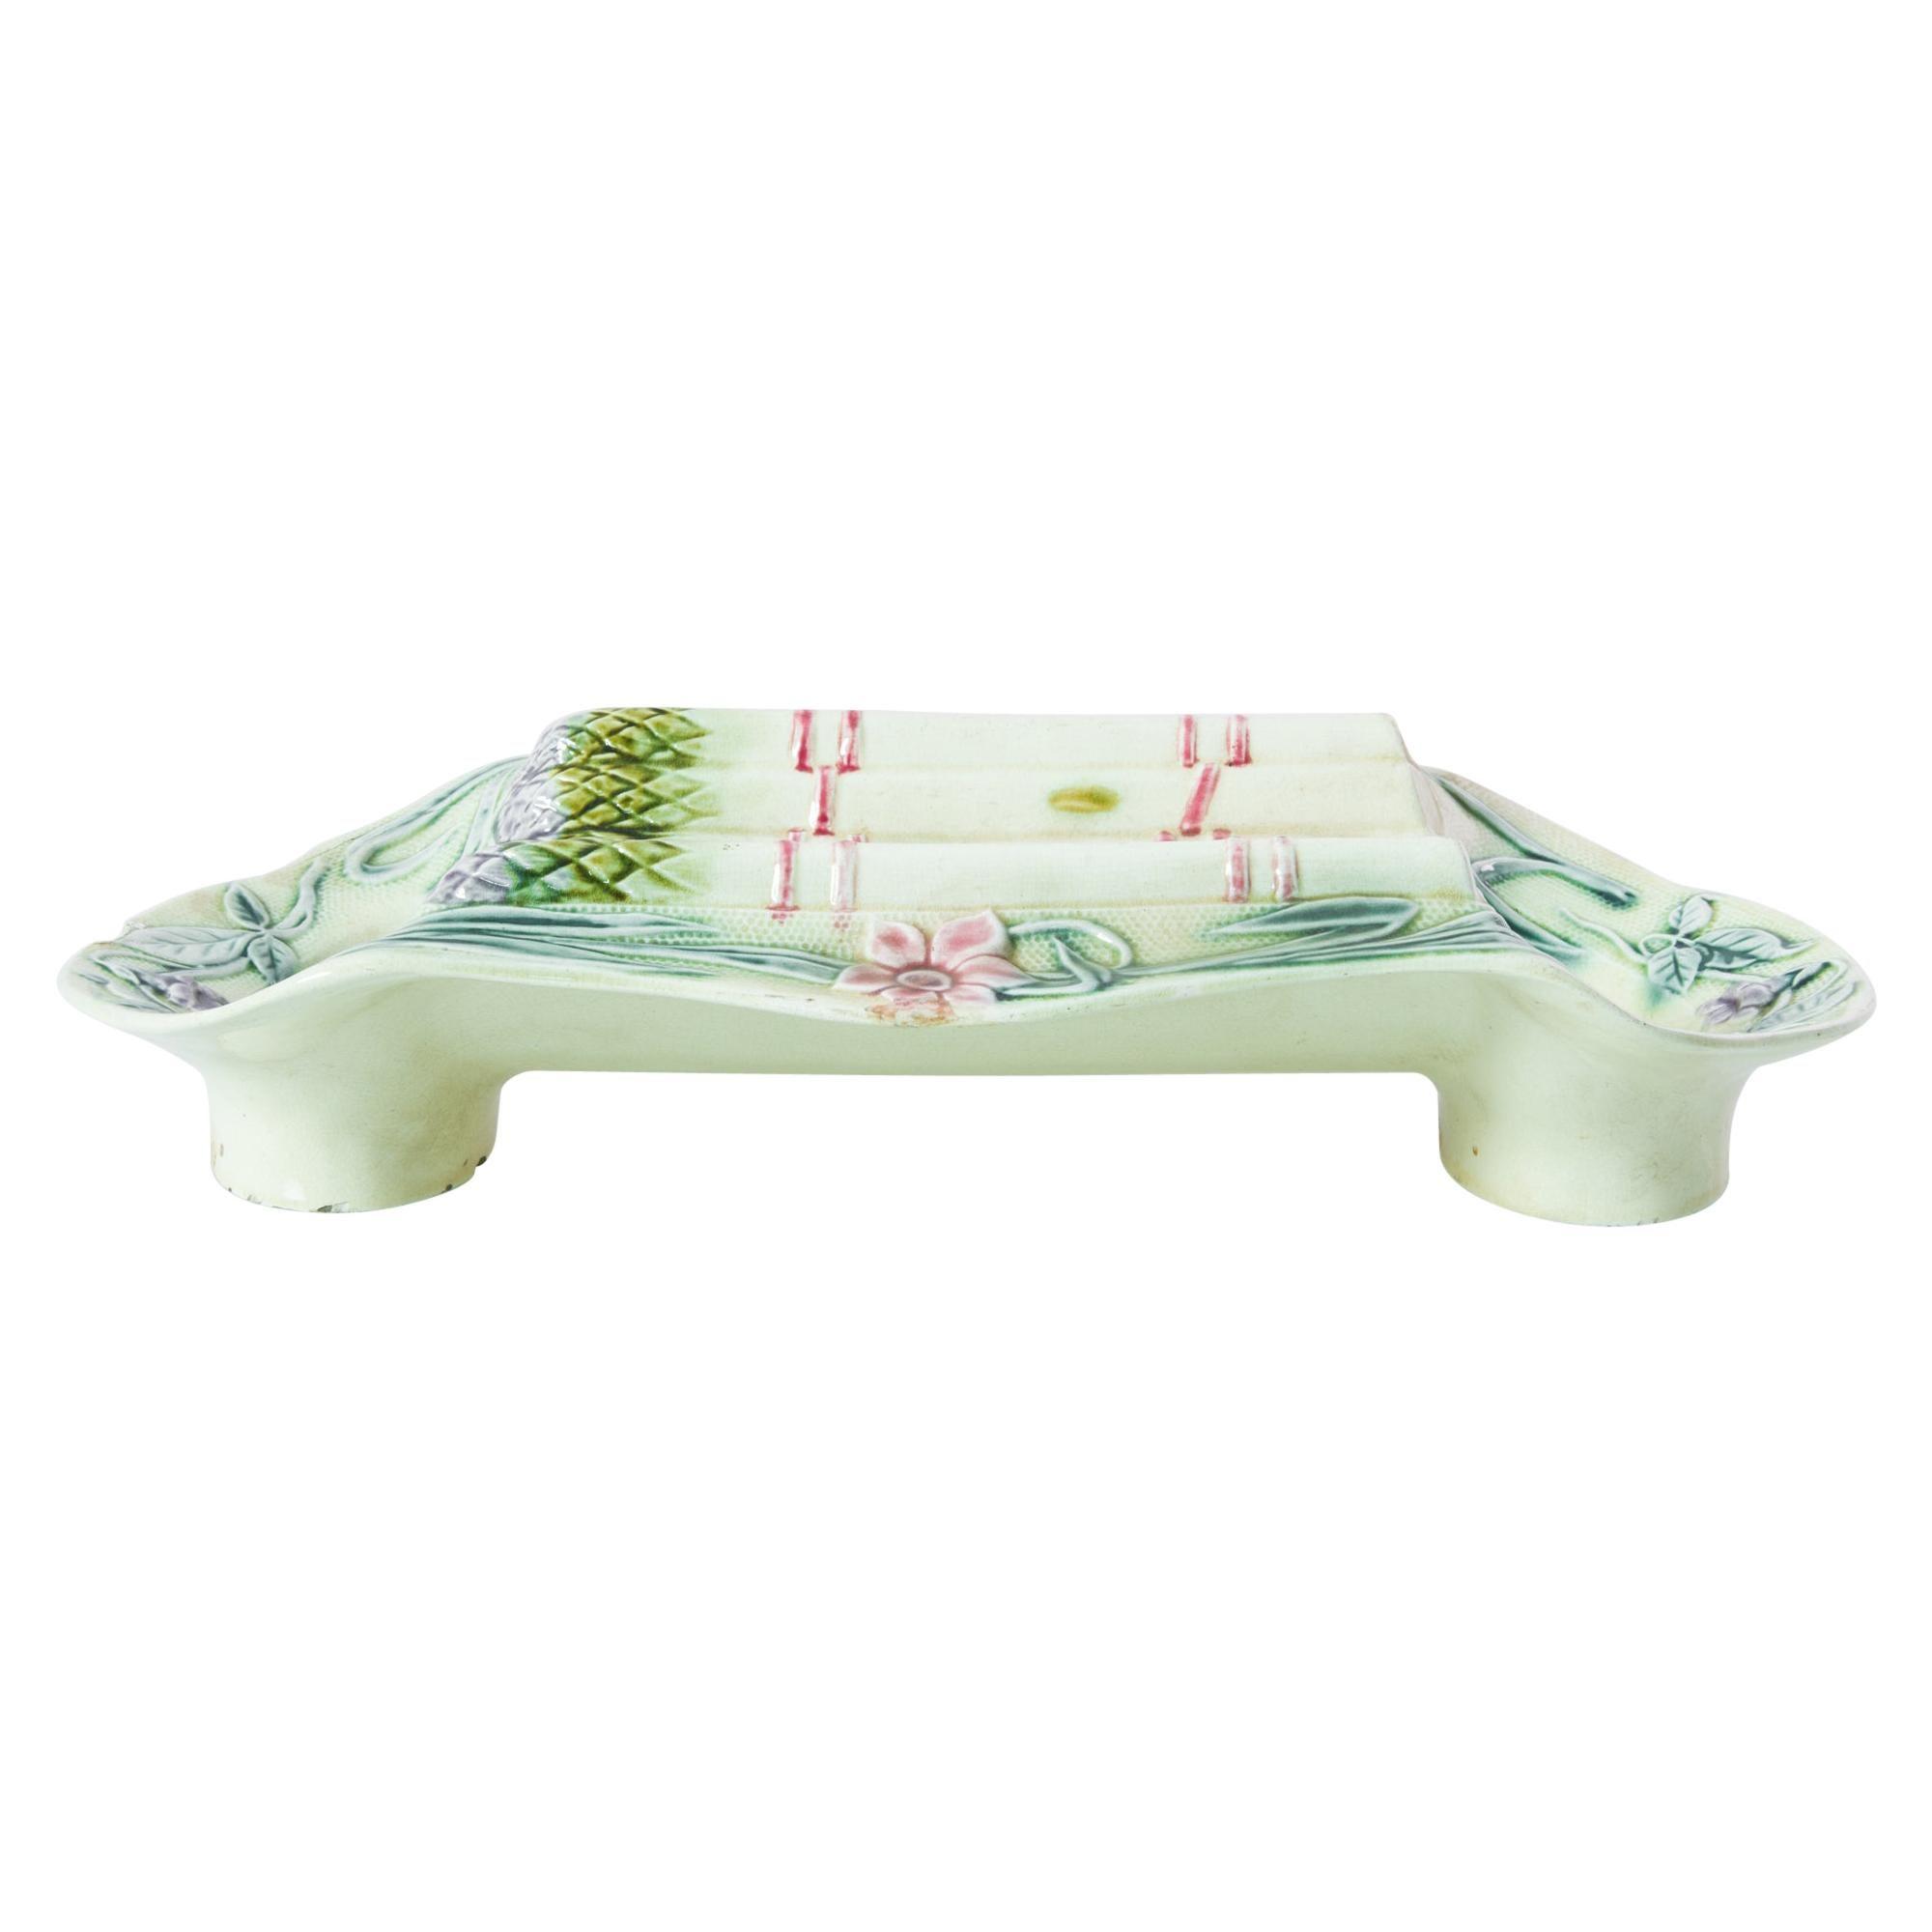 1900s French Ceramic Asparagus Platter